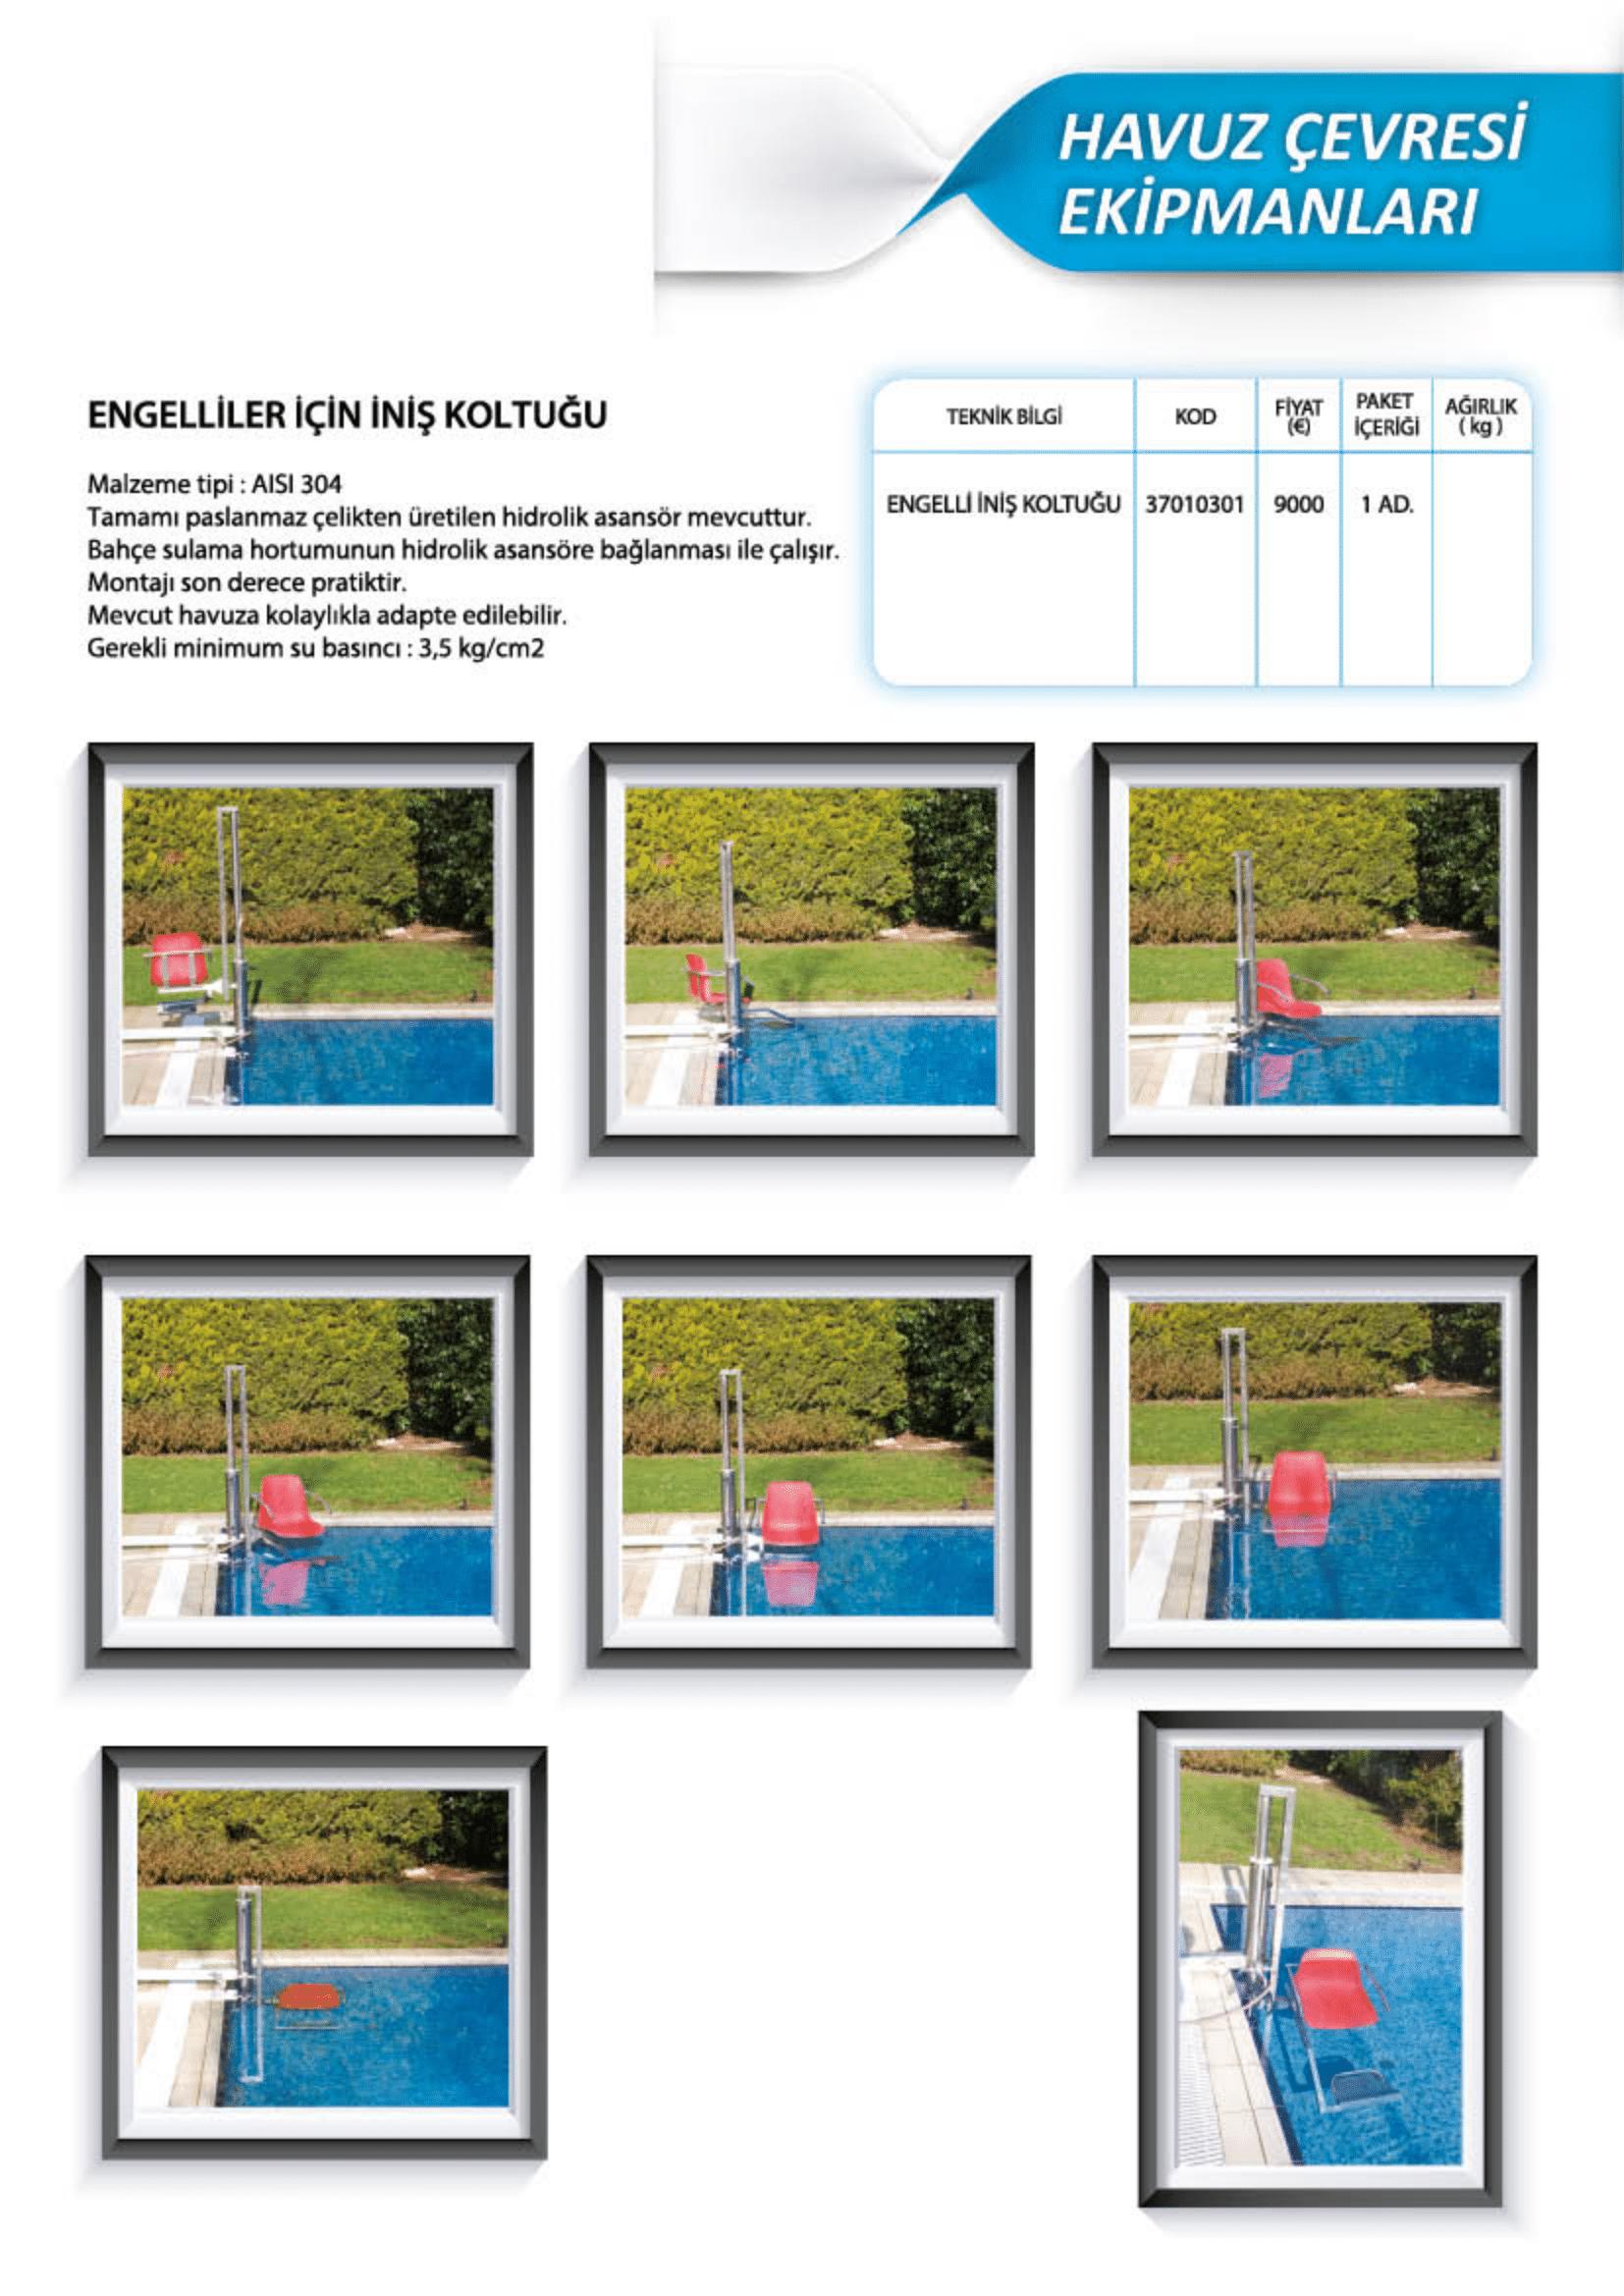 Santem Engelliler İçin Havuza İniş Koltuğu Özellikler